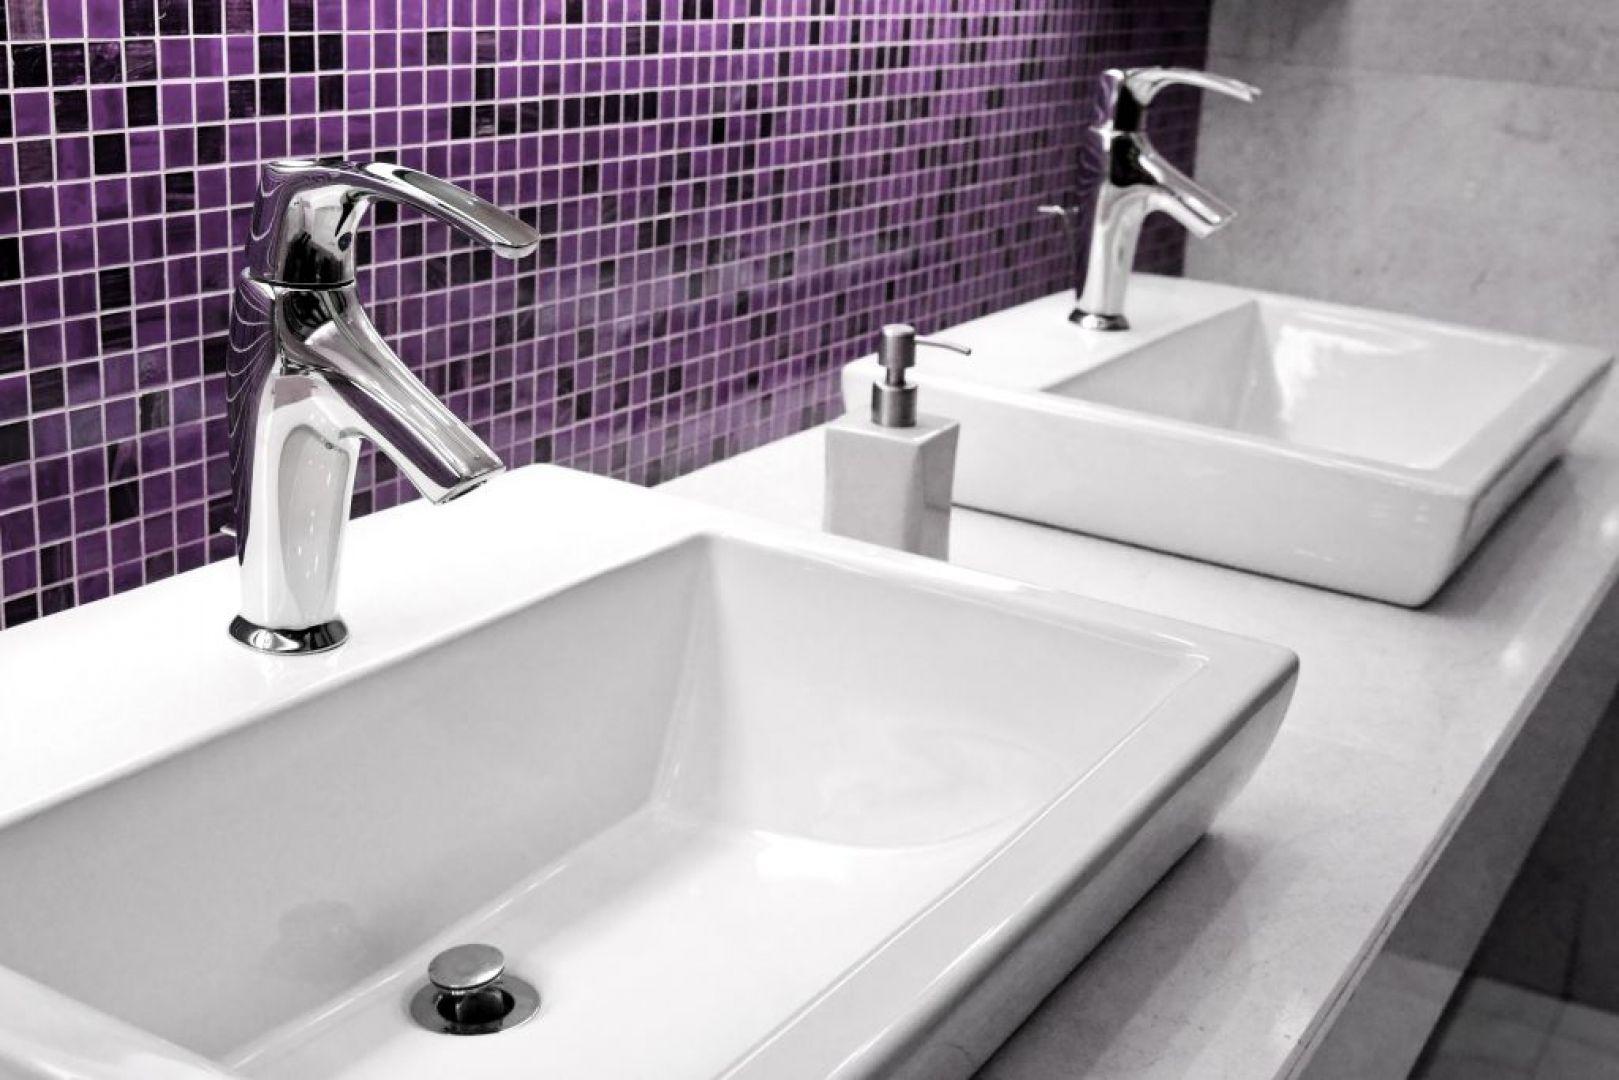 Ściana w strefie umywalki w kolorze Ultra Violet z fugą Saphir. Fot. Sopro